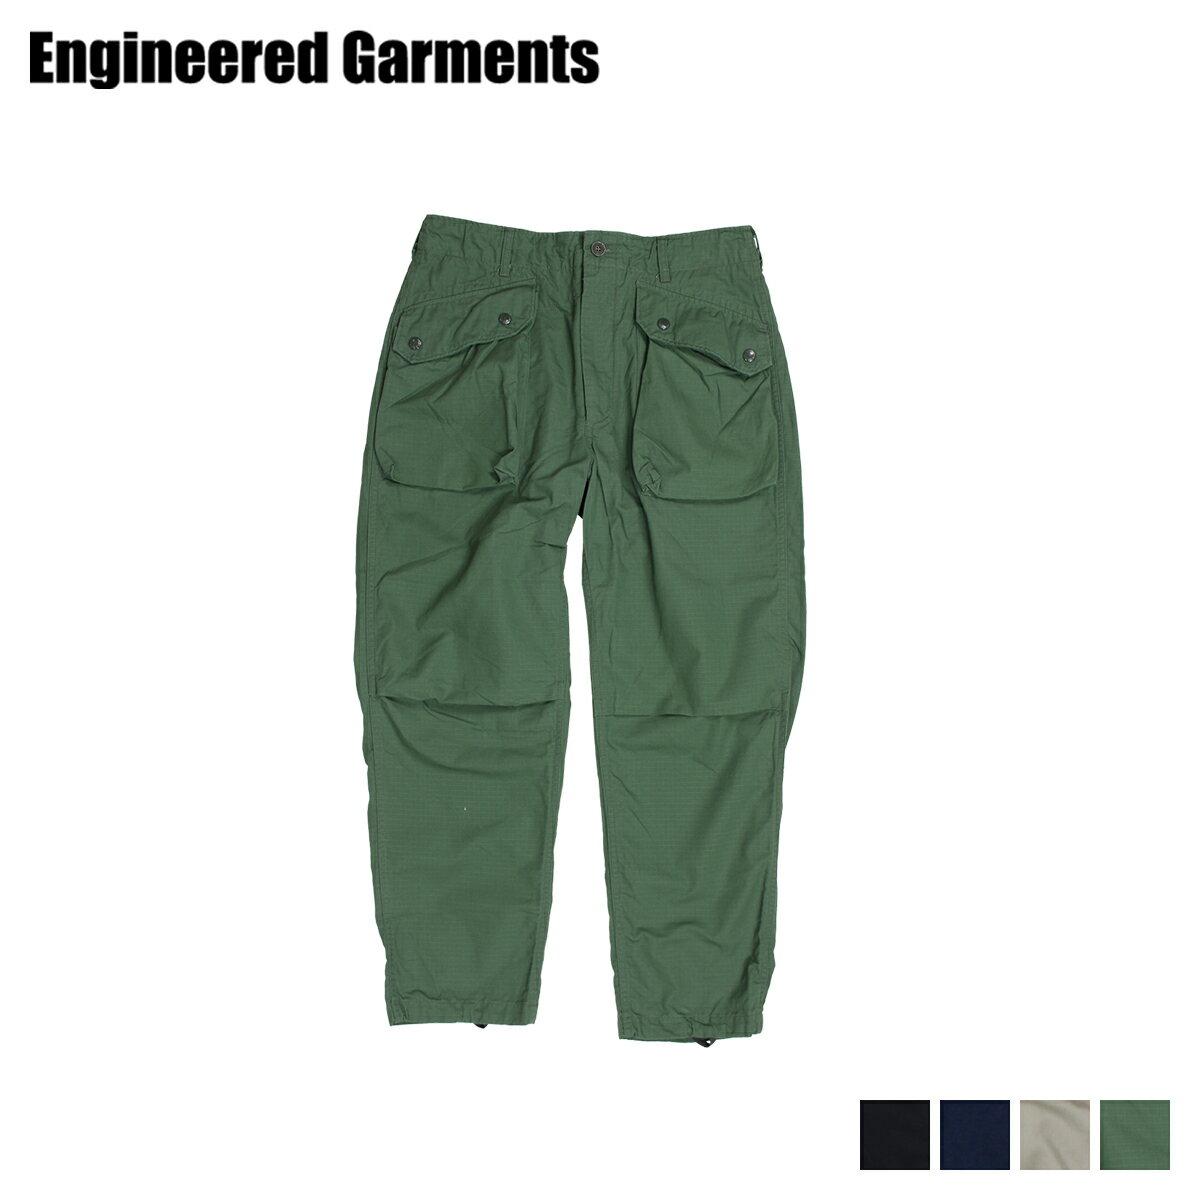 メンズファッション, ズボン・パンツ 600OFF ENGINEERED GARMENTS NORWEGIAN PANT 19SF007